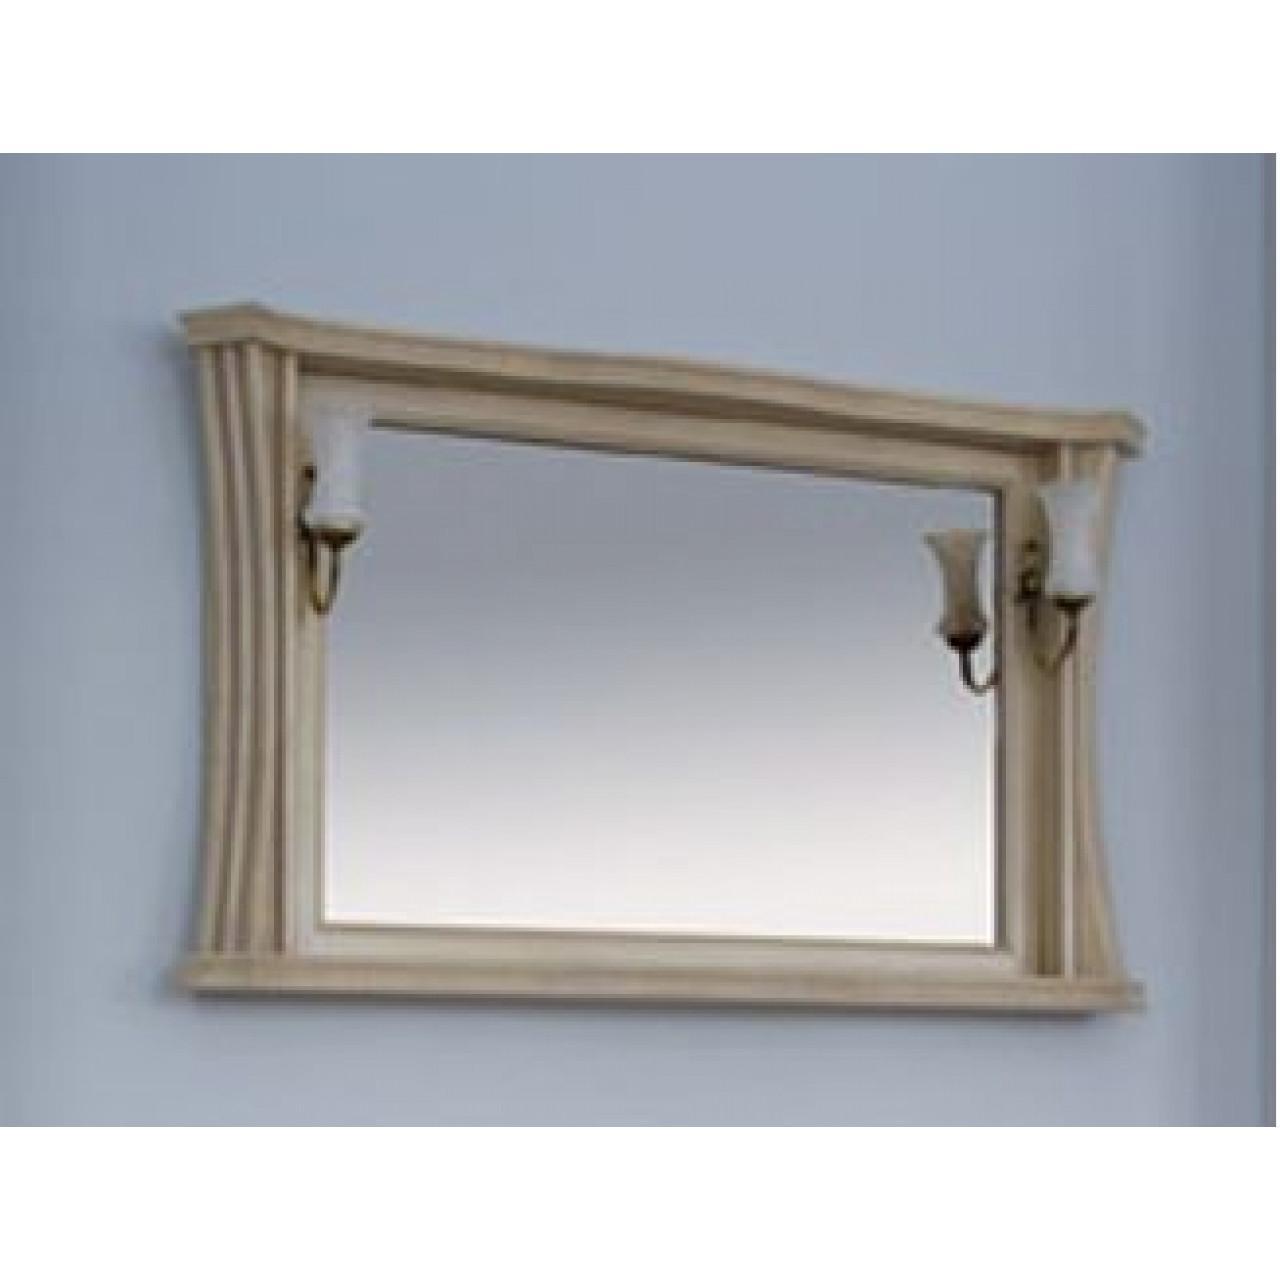 Зеркало Аллигатор Классик 125 в раме купить в Москве по цене от 17300р. в интернет-магазине mebel-v-vannu.ru